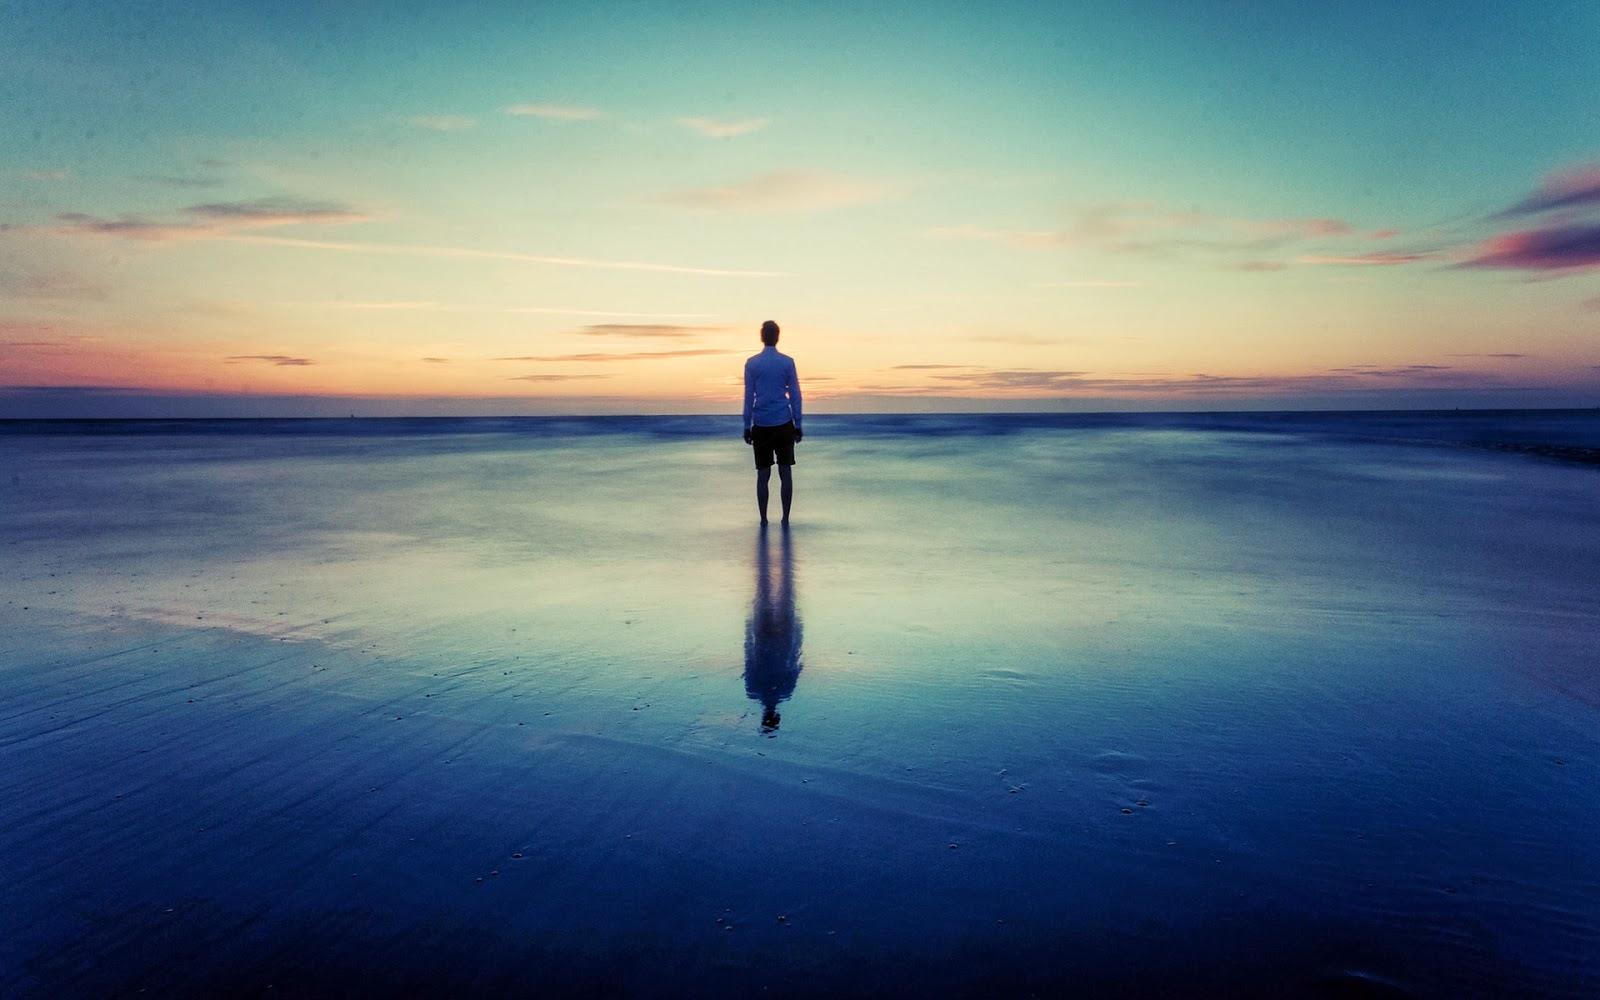 Il silenzio non è vuoto. Il silenzio è pieno di risposte!